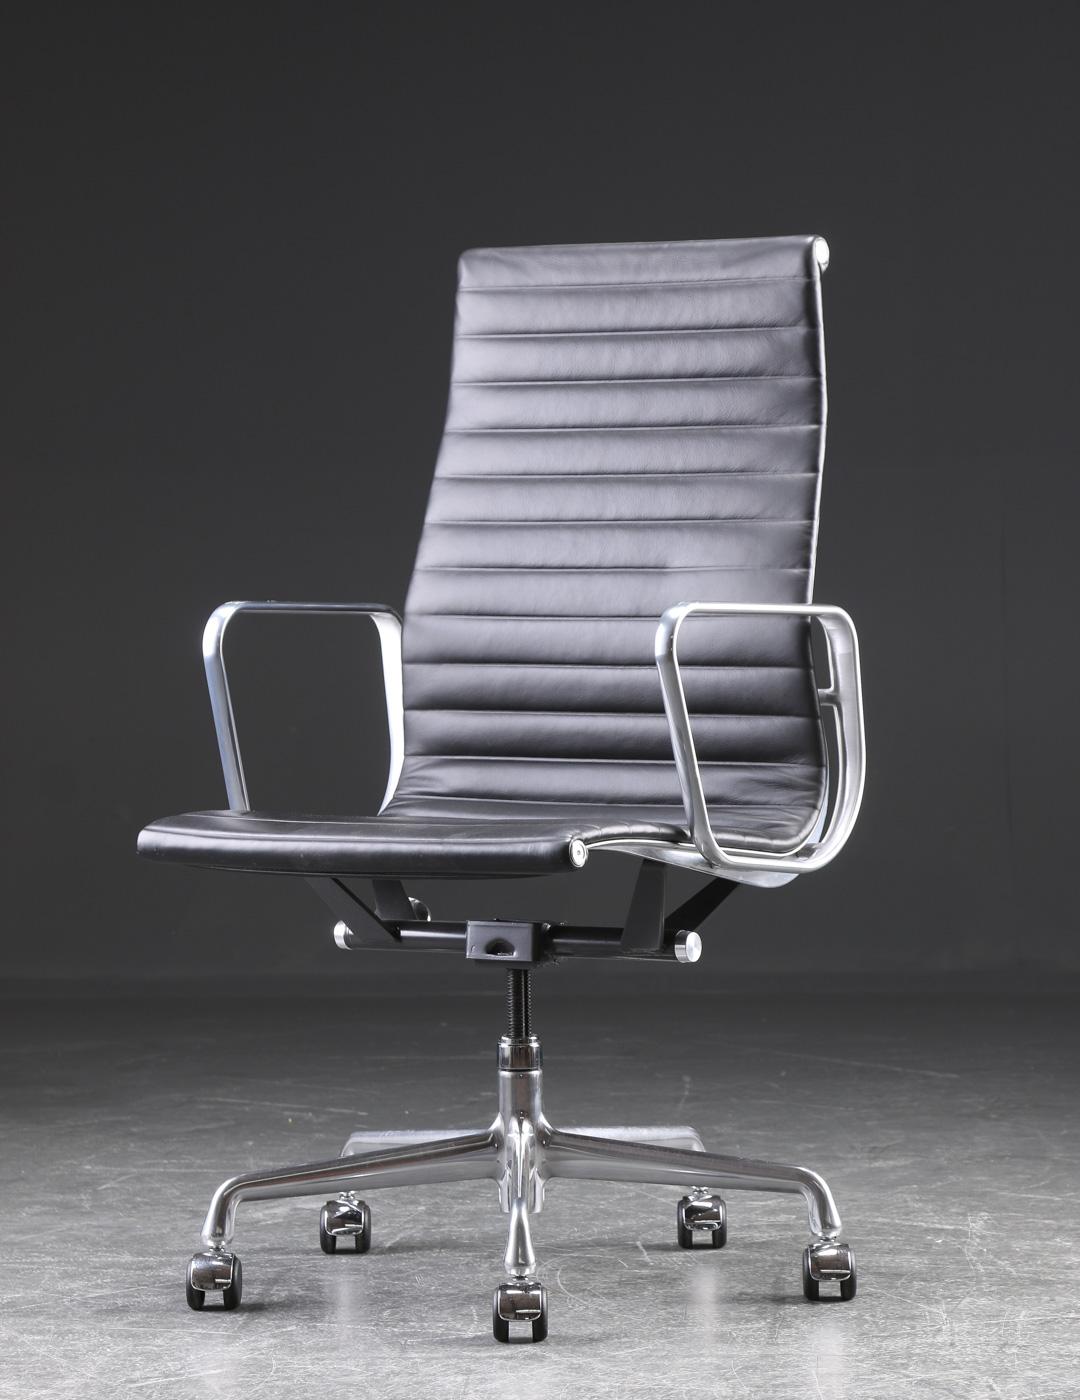 """Charles Eames. Kontorstol fra serien Aluminium Group Konference - Charles Eames 1907-1978. Kontorstol fra serien """"Aluminium Group Konference"""".Stel samt fempasfod af poleret aluminium, sæde og ryg betrukket med sort skind. Drejefunktion samt højdejusterbar. Formgivet i 1958, fremstillet hos Herman Miller...."""